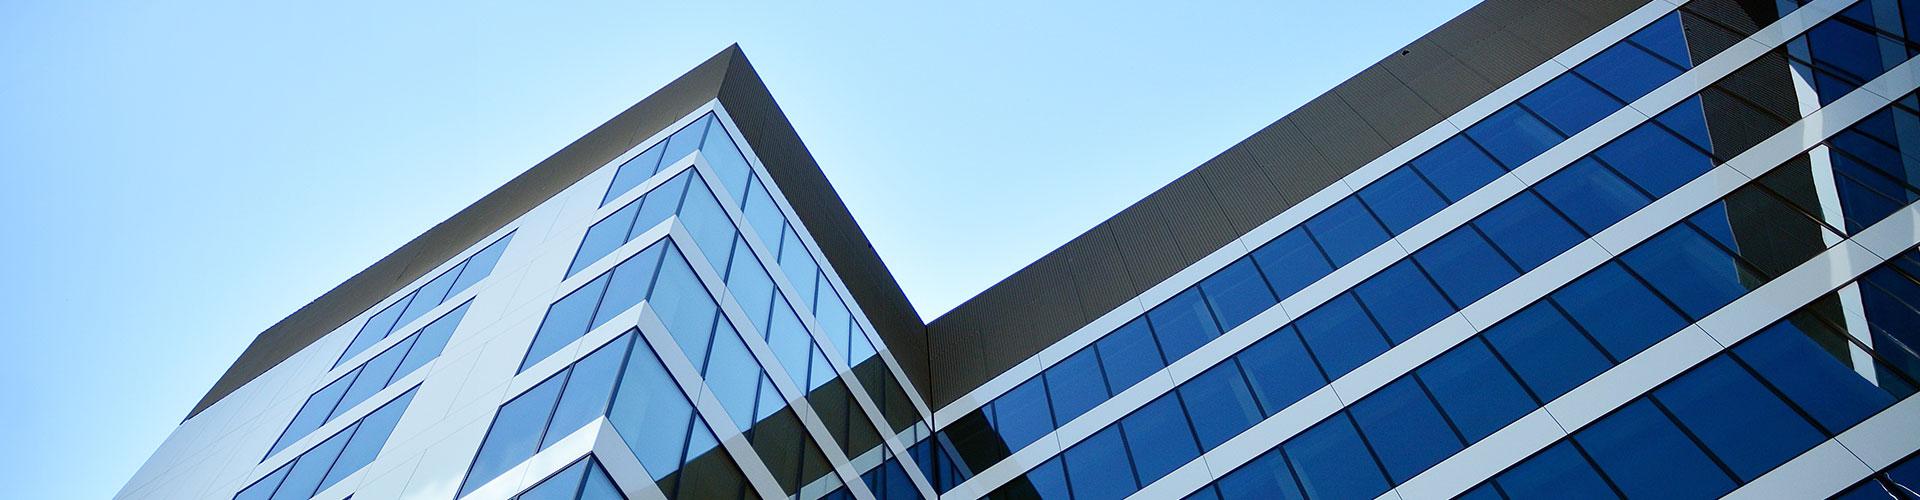 verglastes Unternehmensgebäude Außenansicht